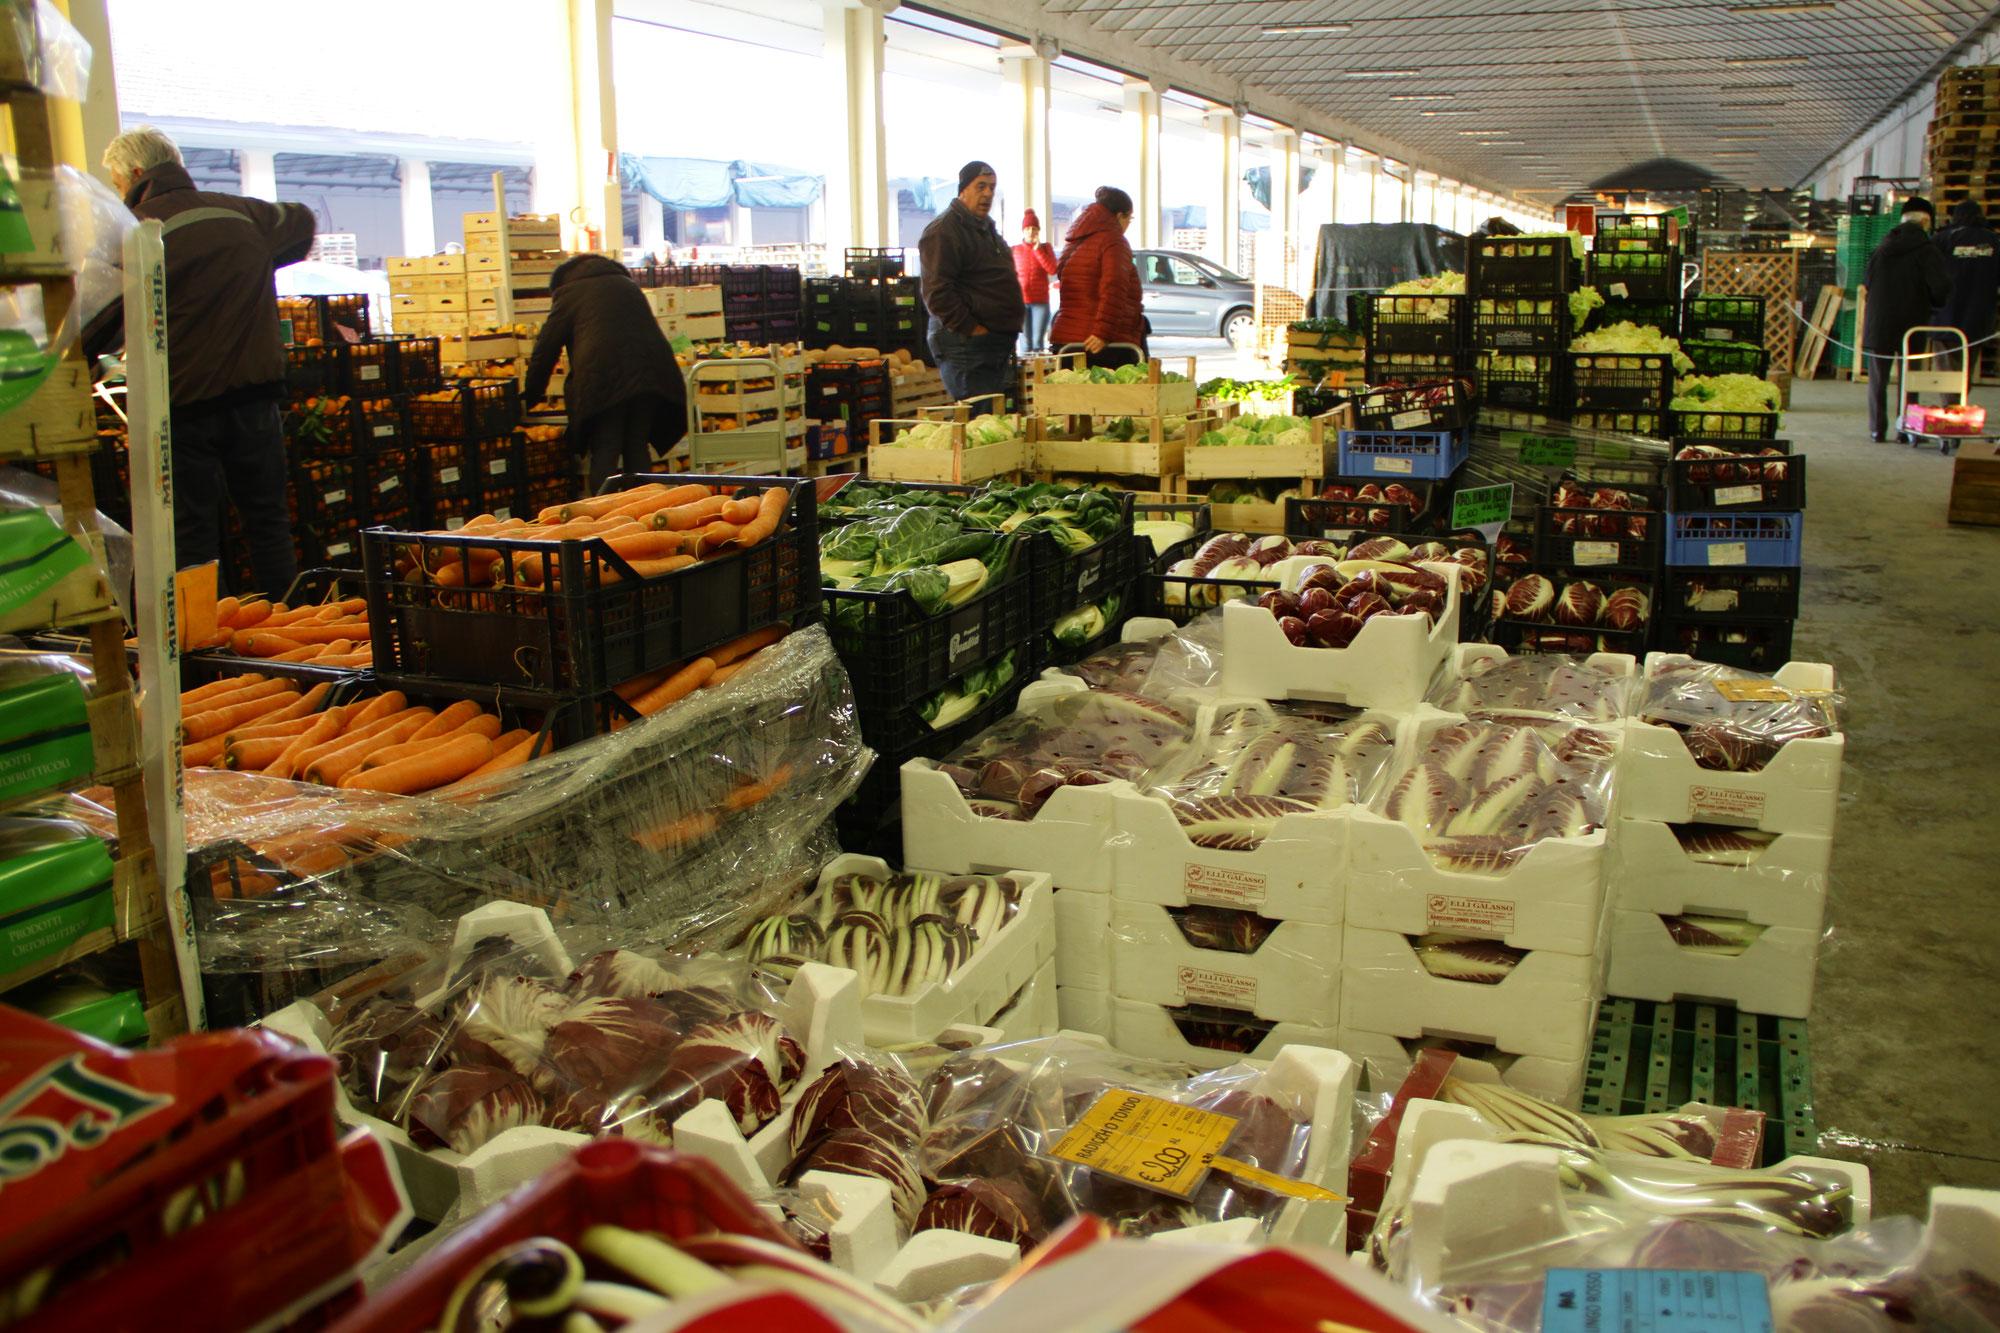 A Lusia il mercato della società Agricola Ortofrutticoltori apre al pubblico con tantissimi prodotti selezionati